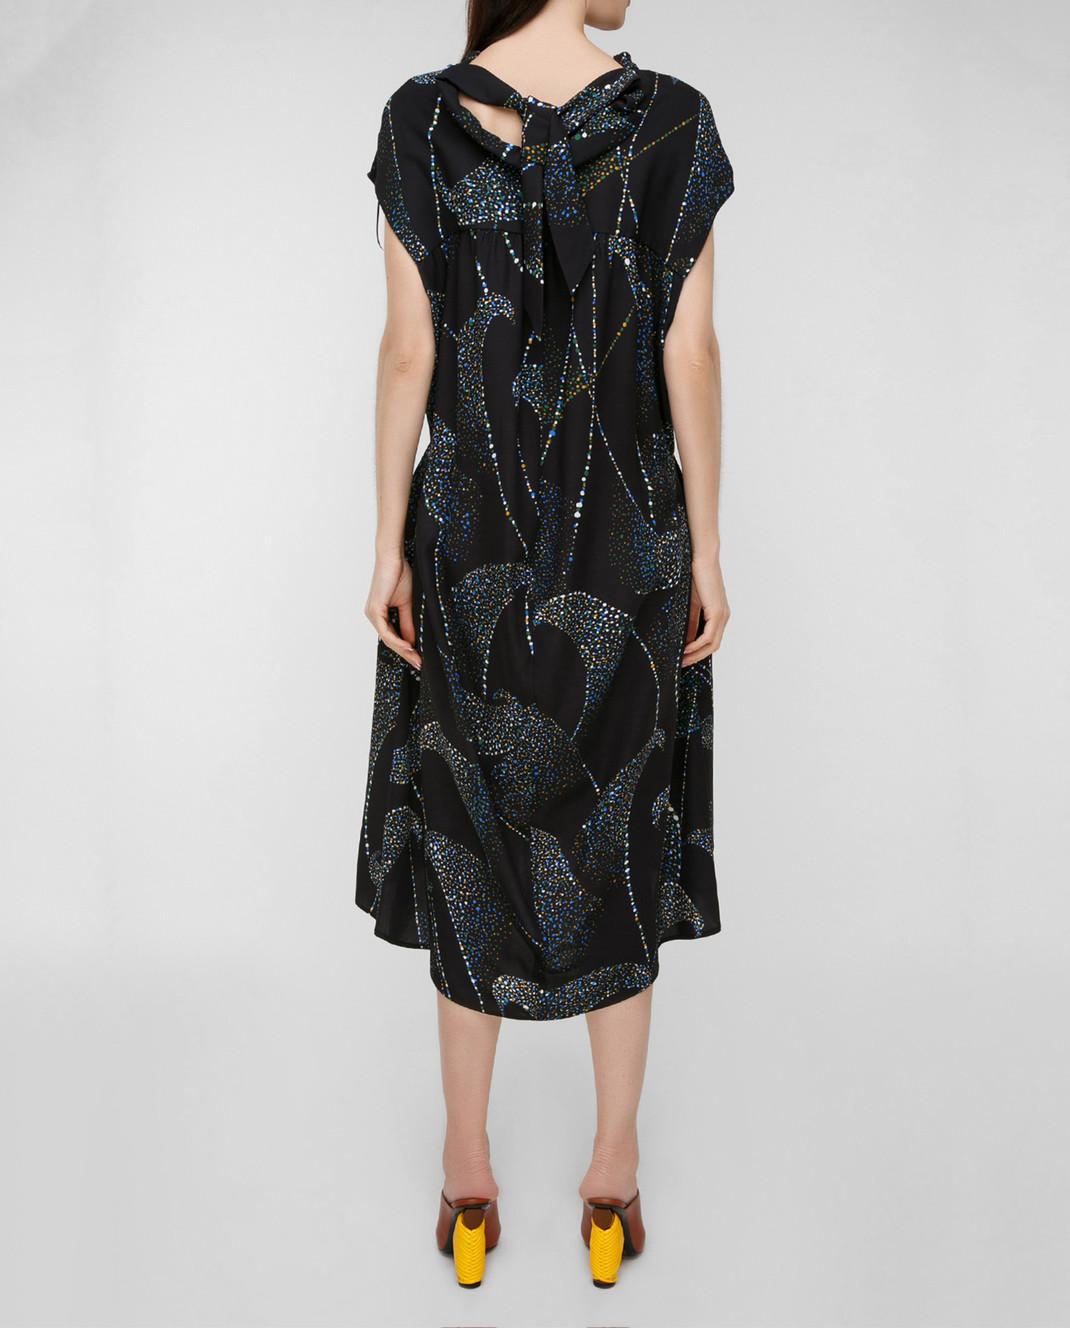 Balenciaga Черное платье 456946 изображение 4